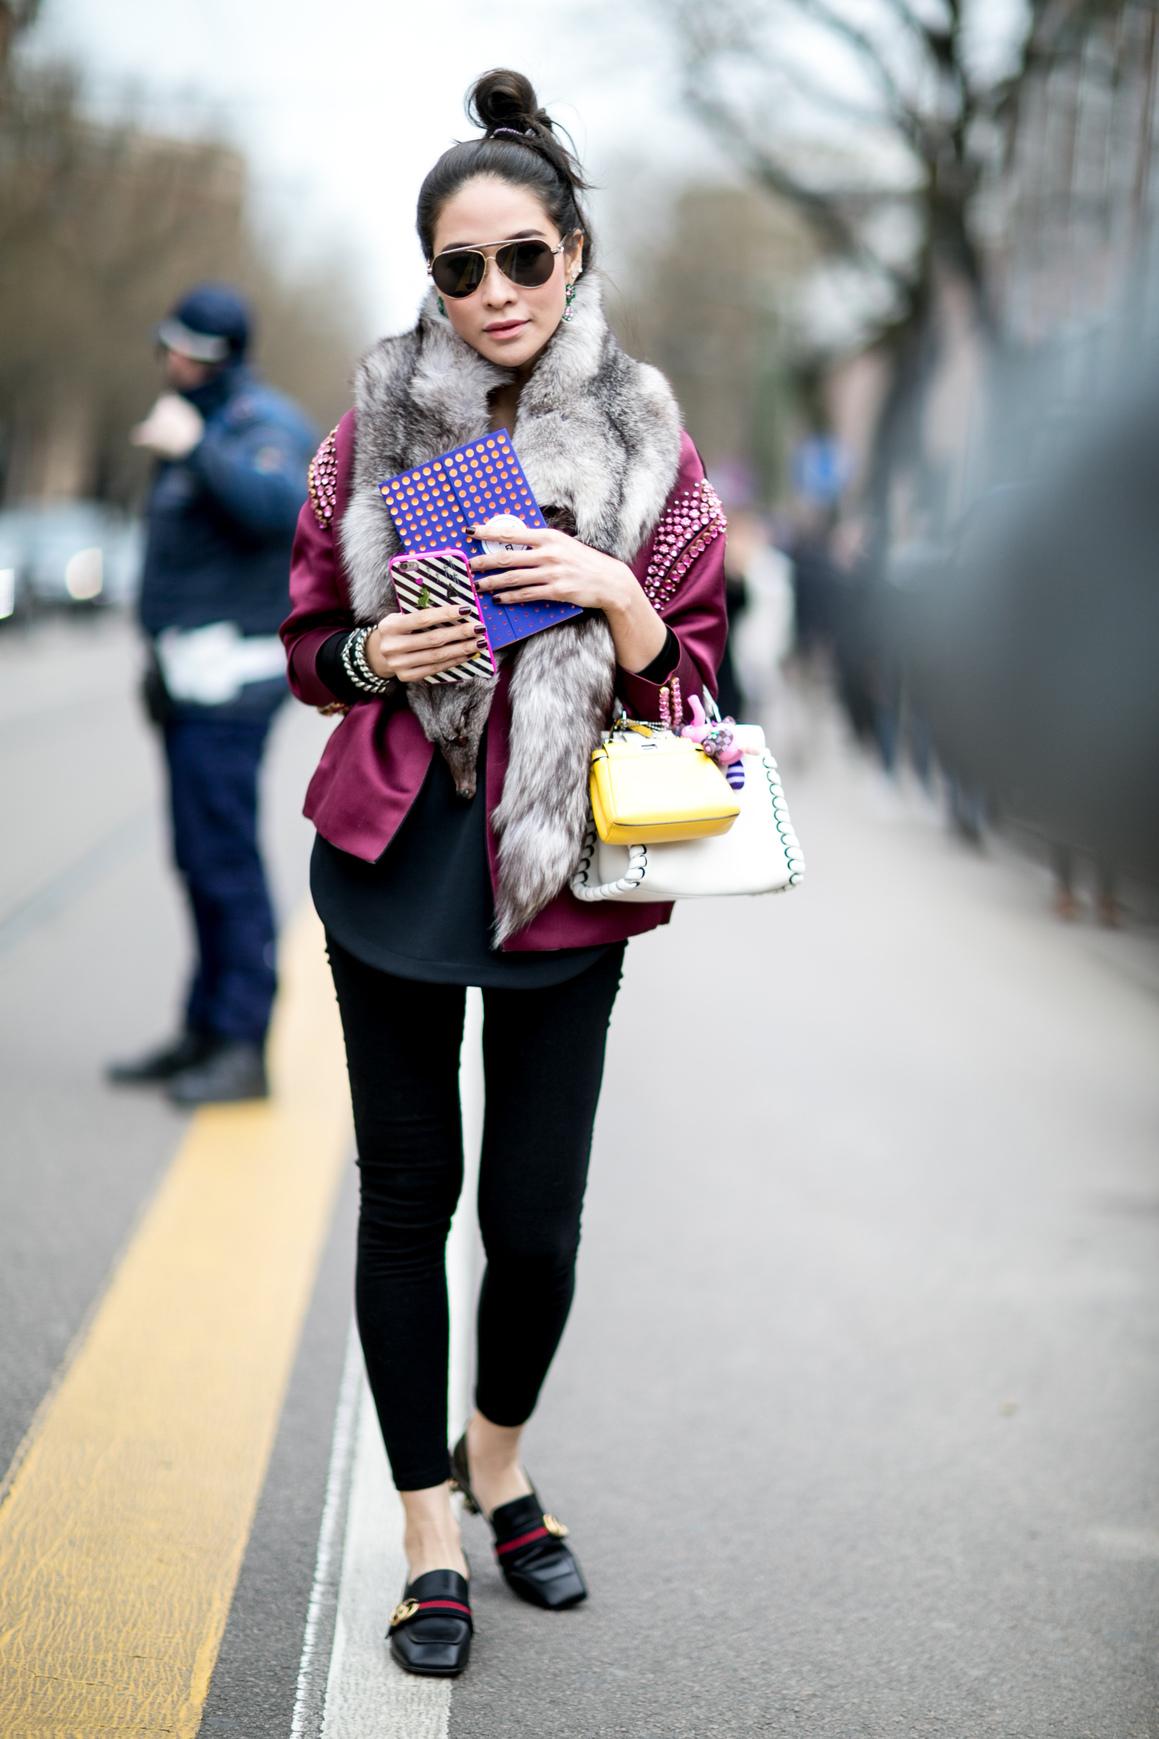 Вокруг шеи: 5 типов шарфов, которые должны быть у вас в шкафу-320x180